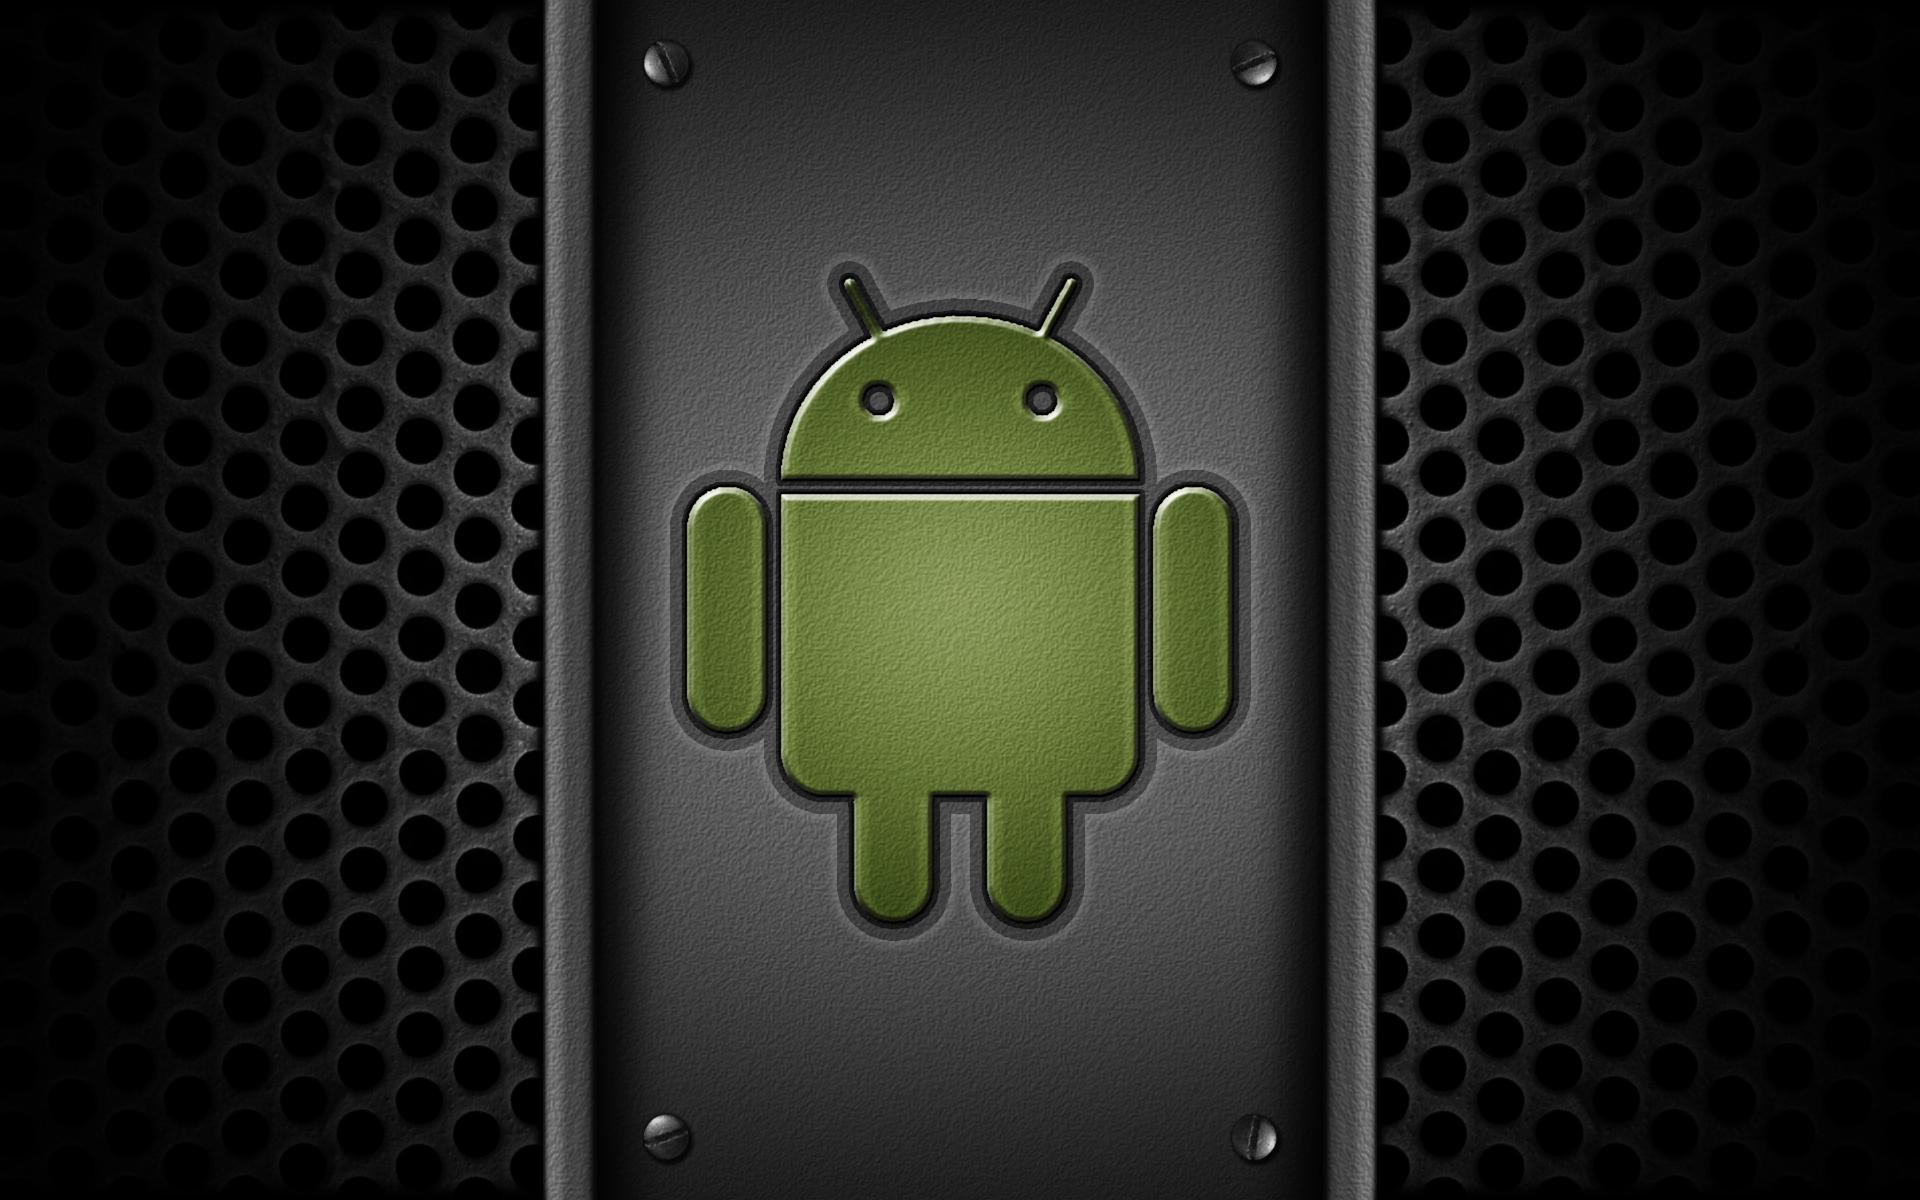 sfondi desktop android hd per pc sfondi hd gratis